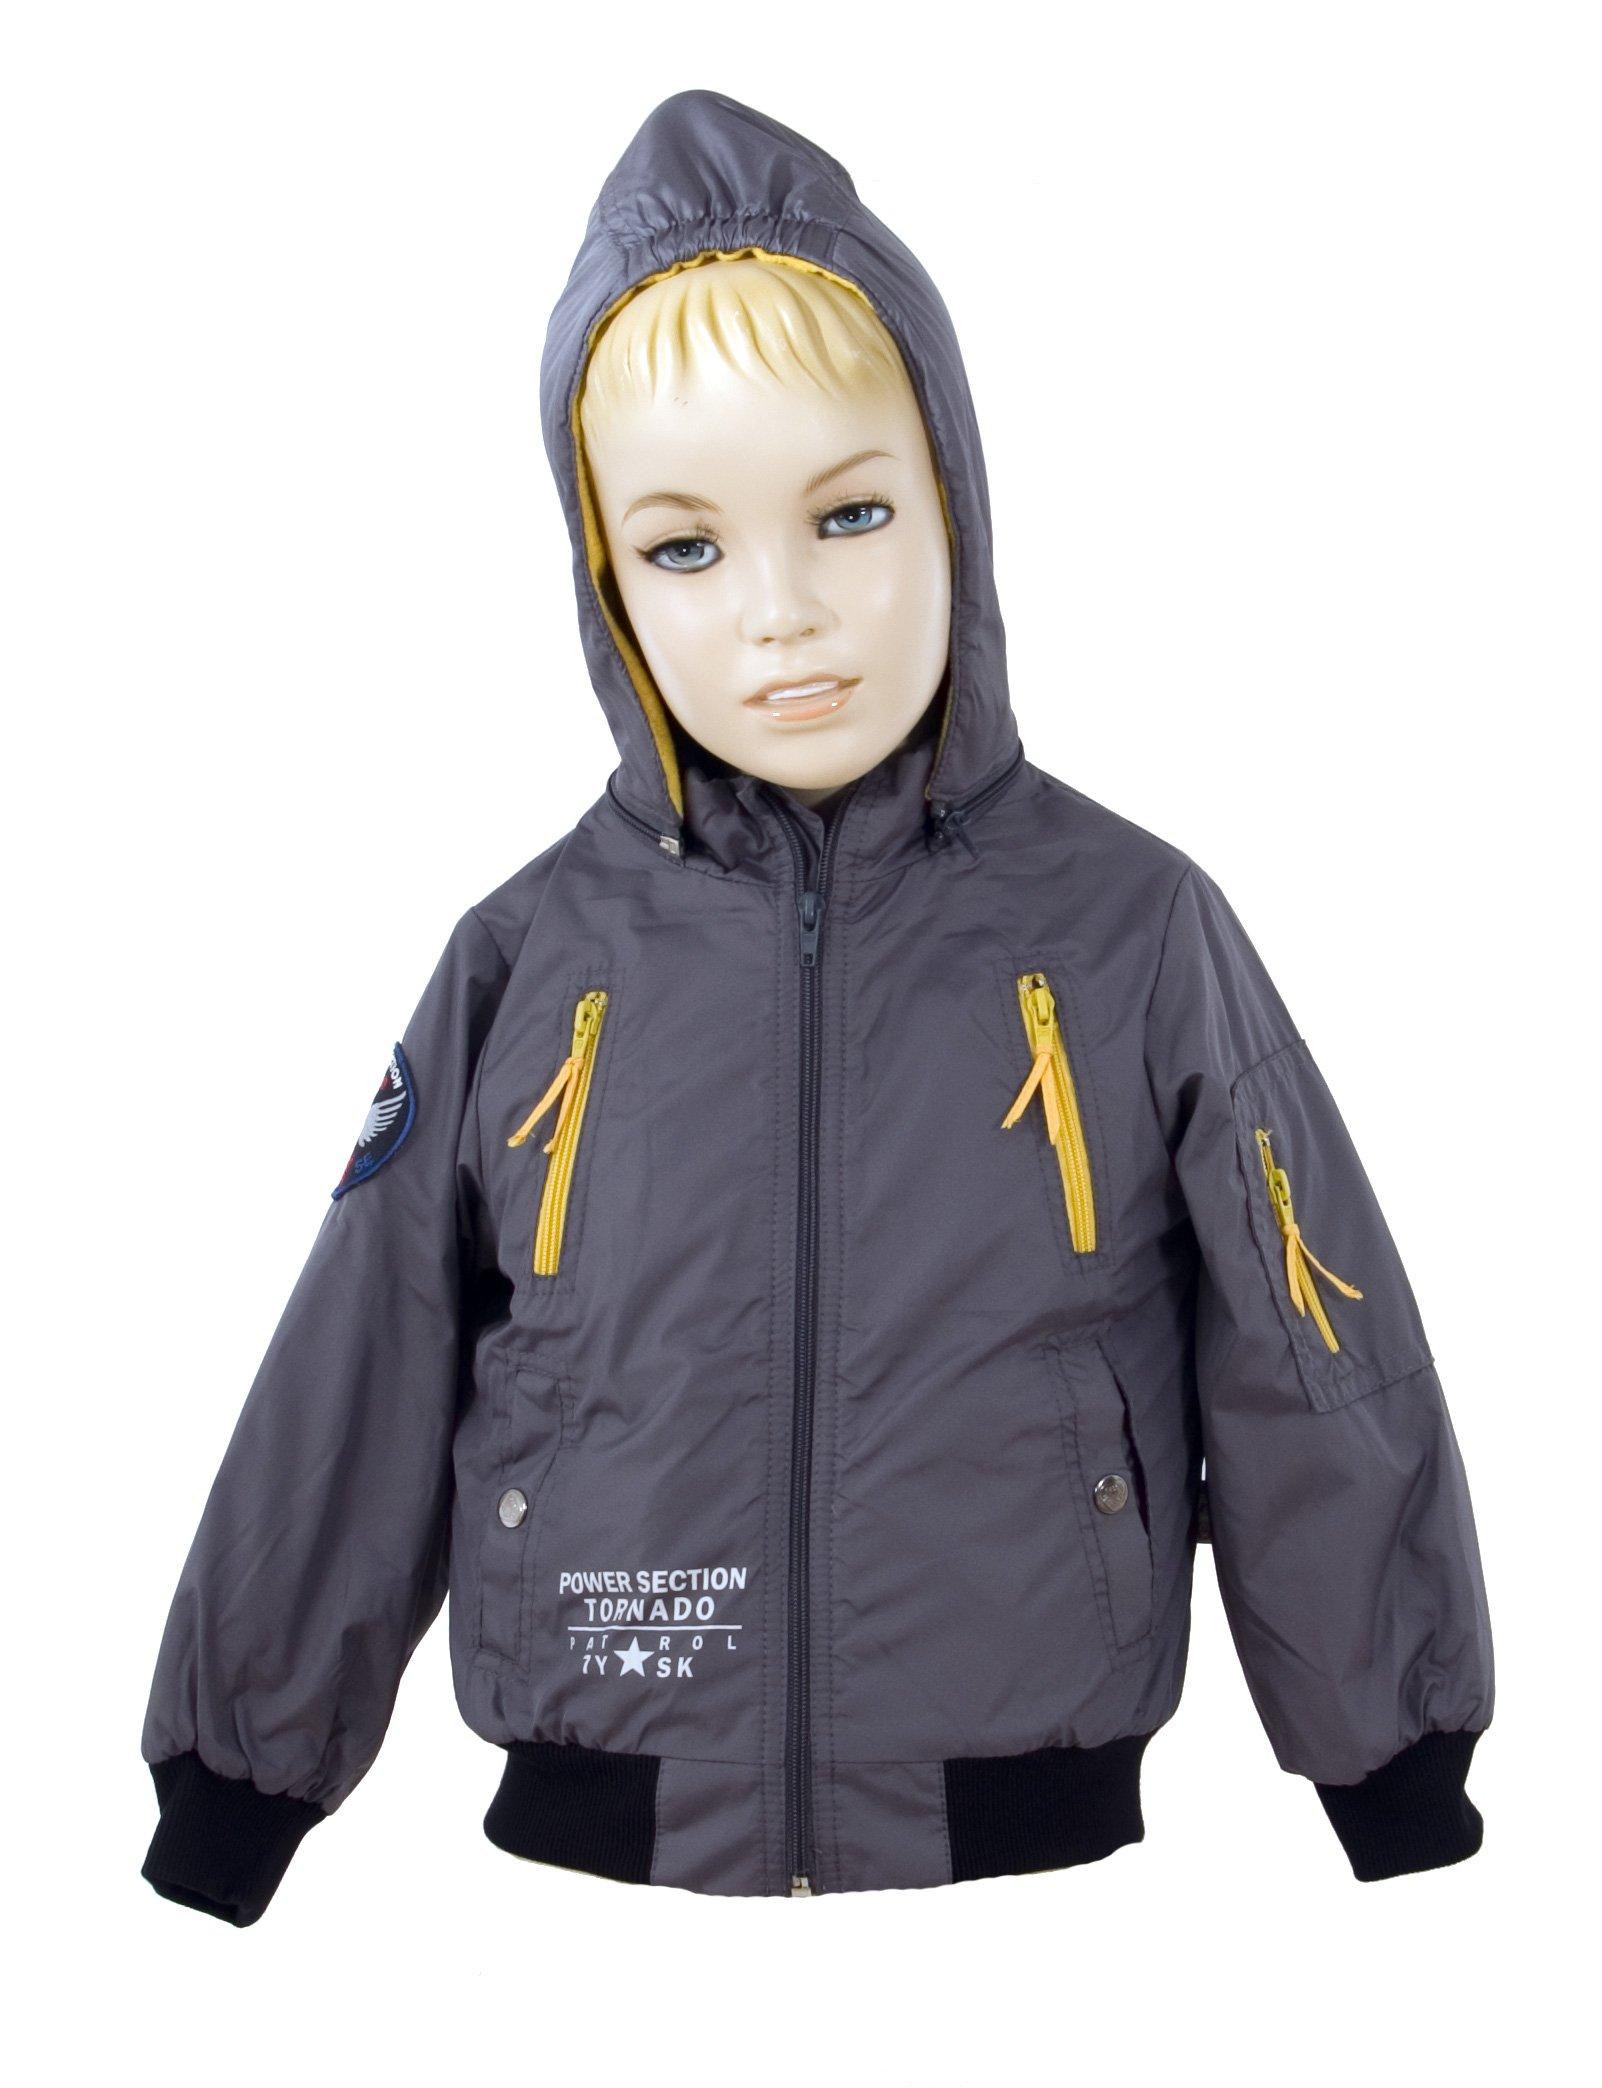 Chlapecká bunda s kapucí velikost 104-110 VÝPRODEJ